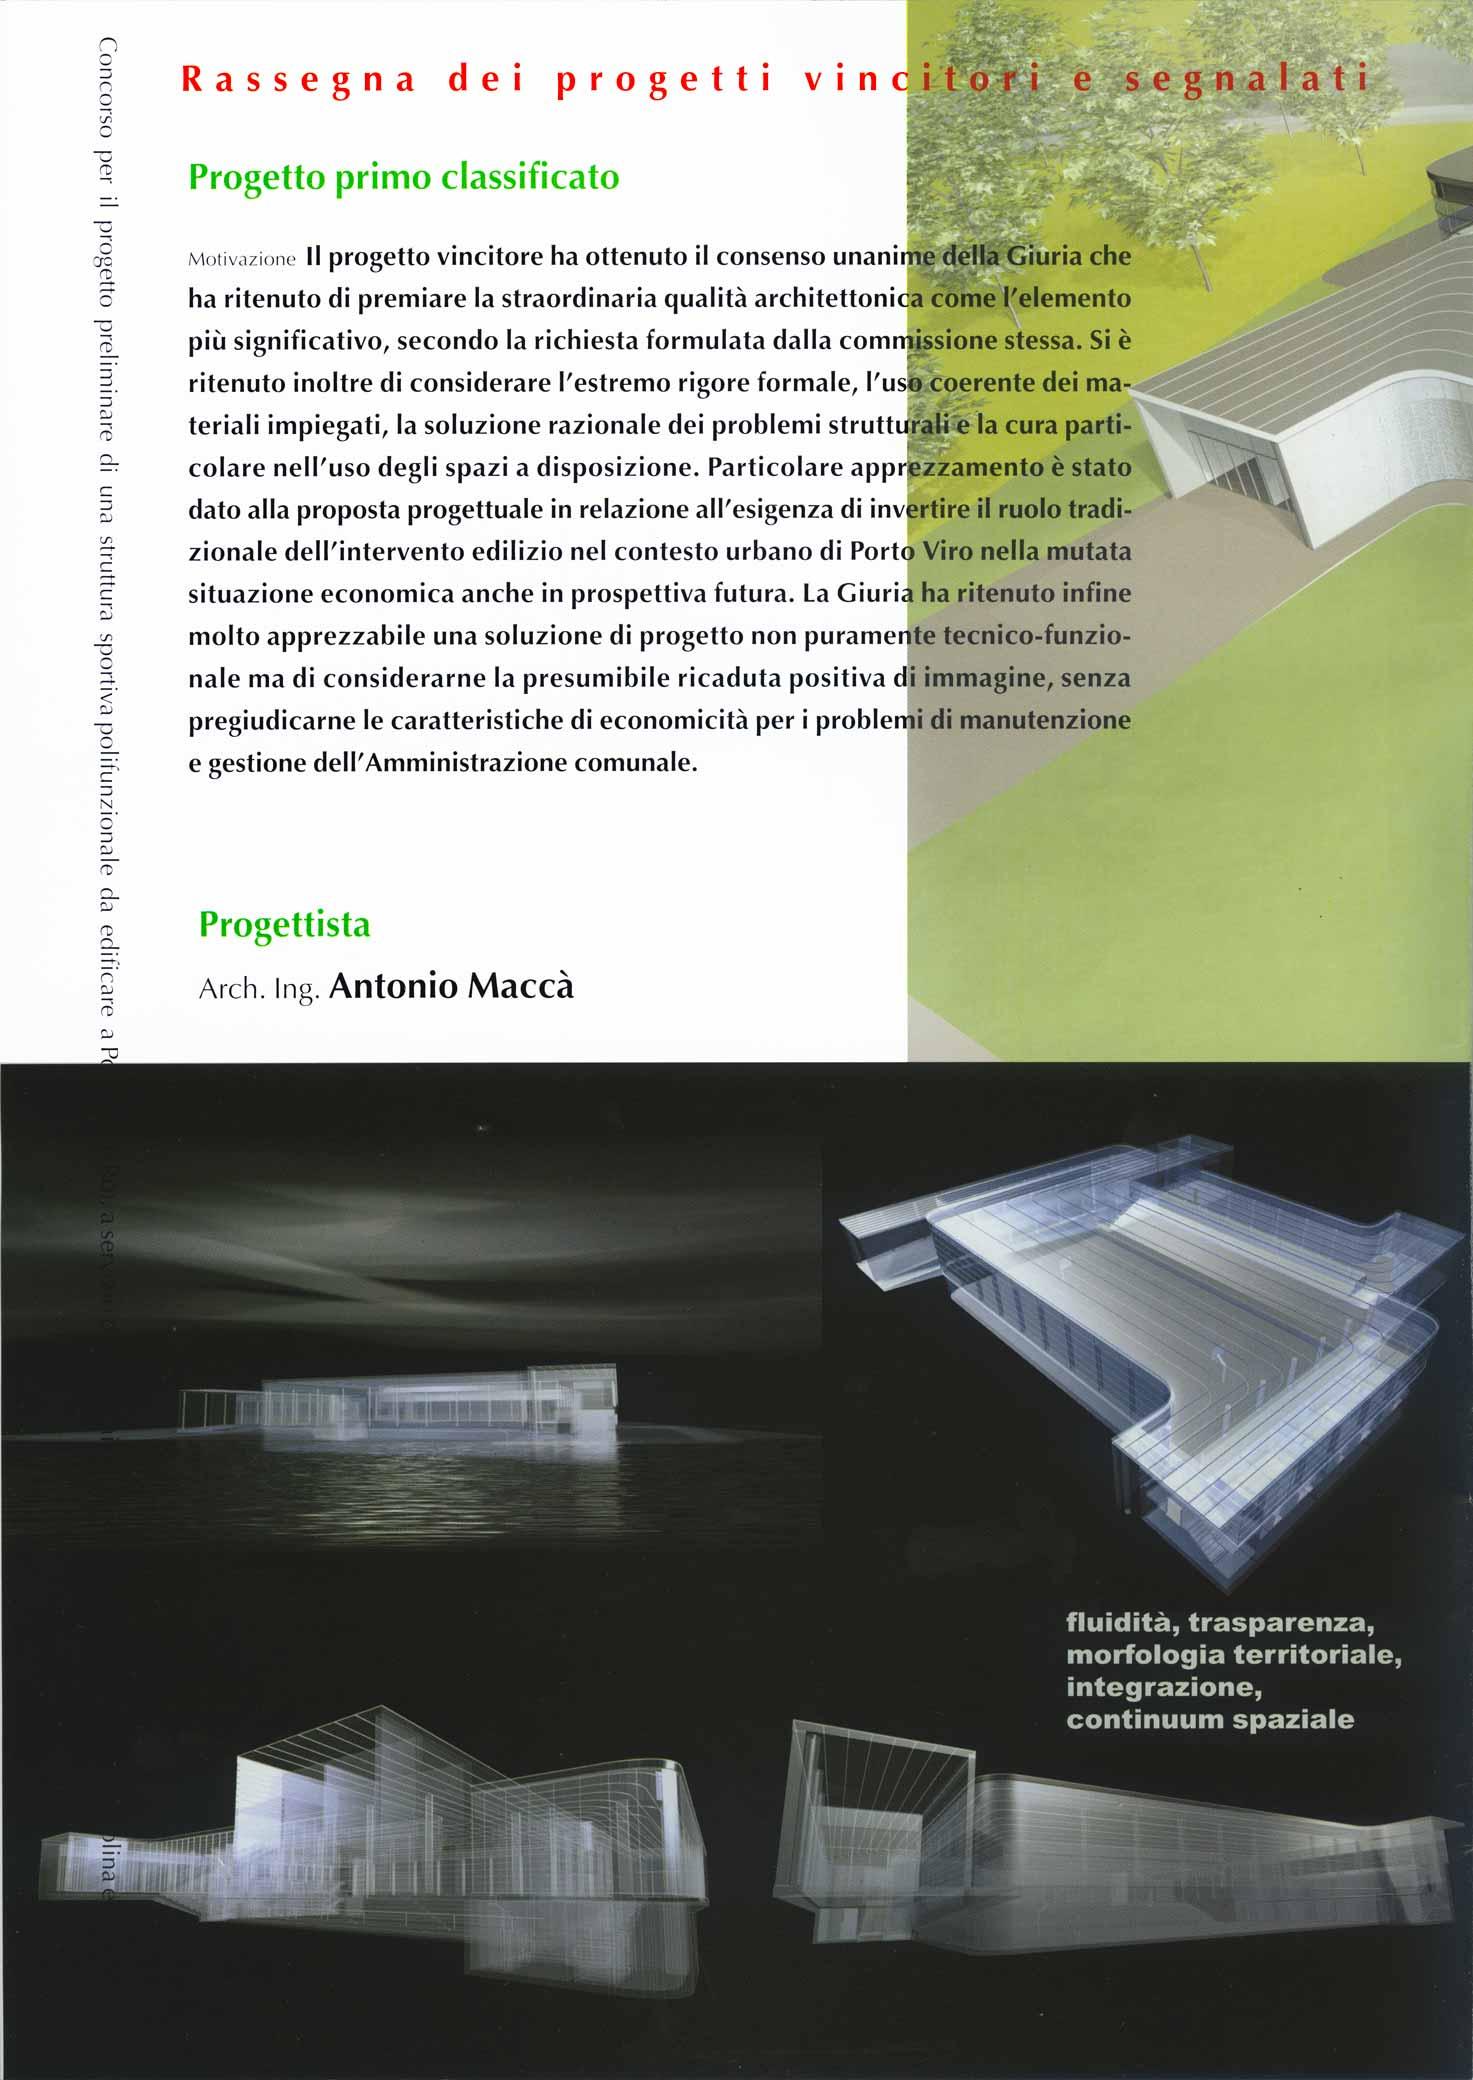 Confluence, Antonio Maccà